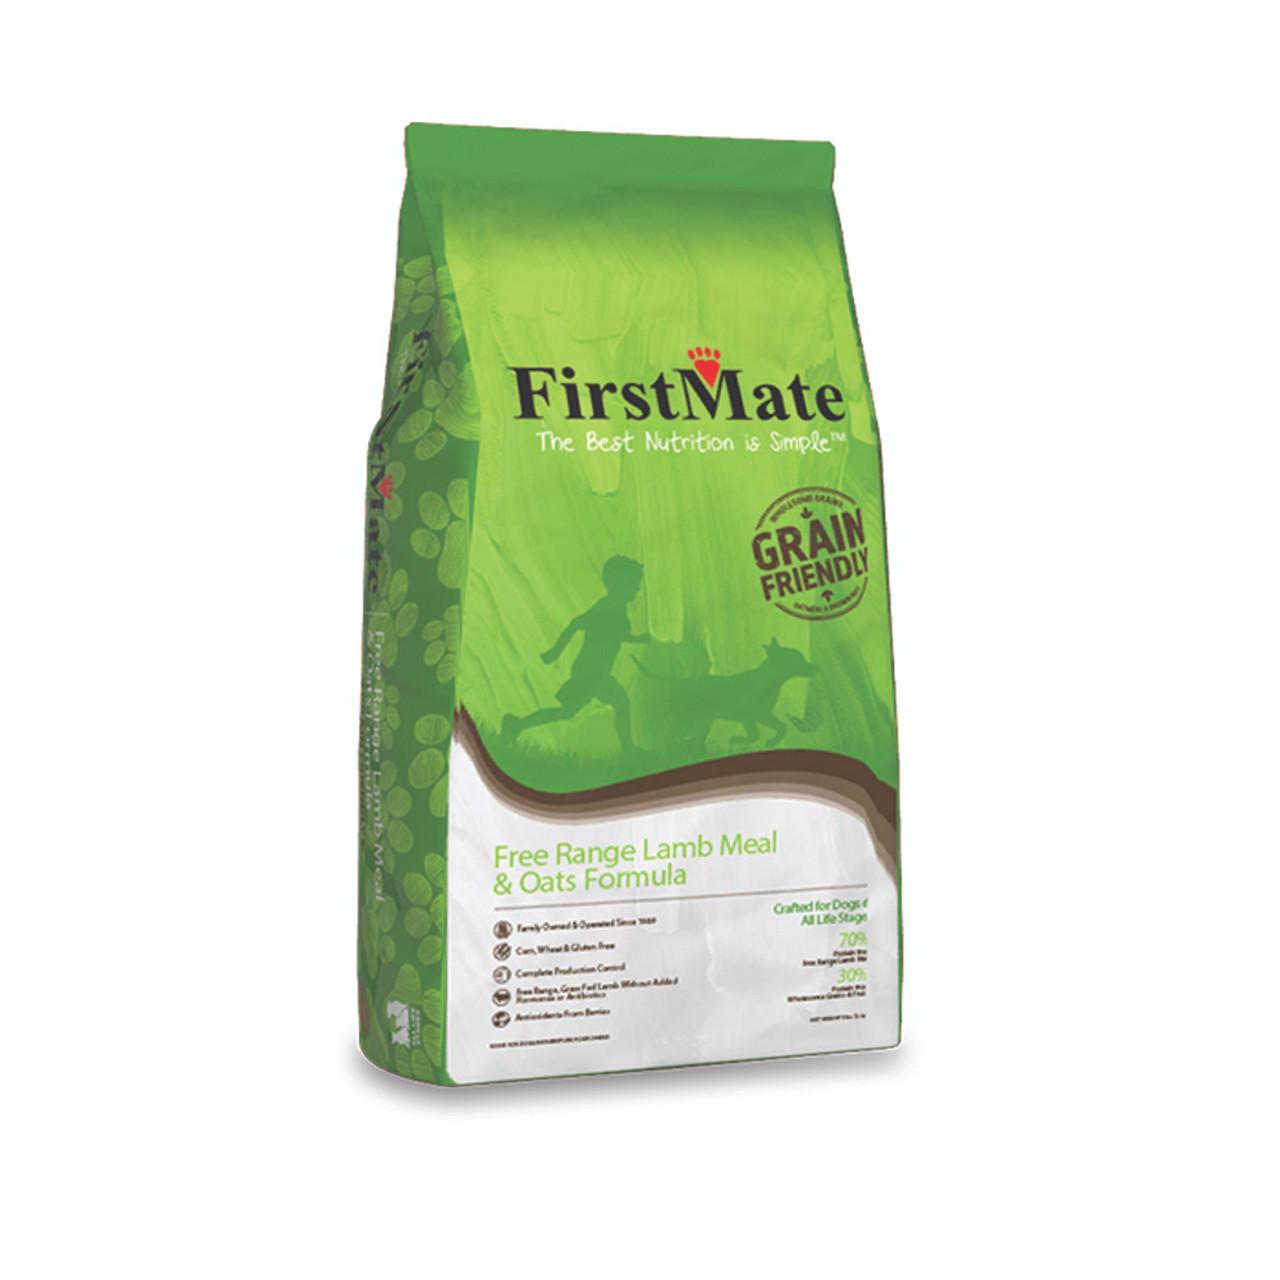 FirstMate Free Range Lamb & Oats Formula Dry Dog Food